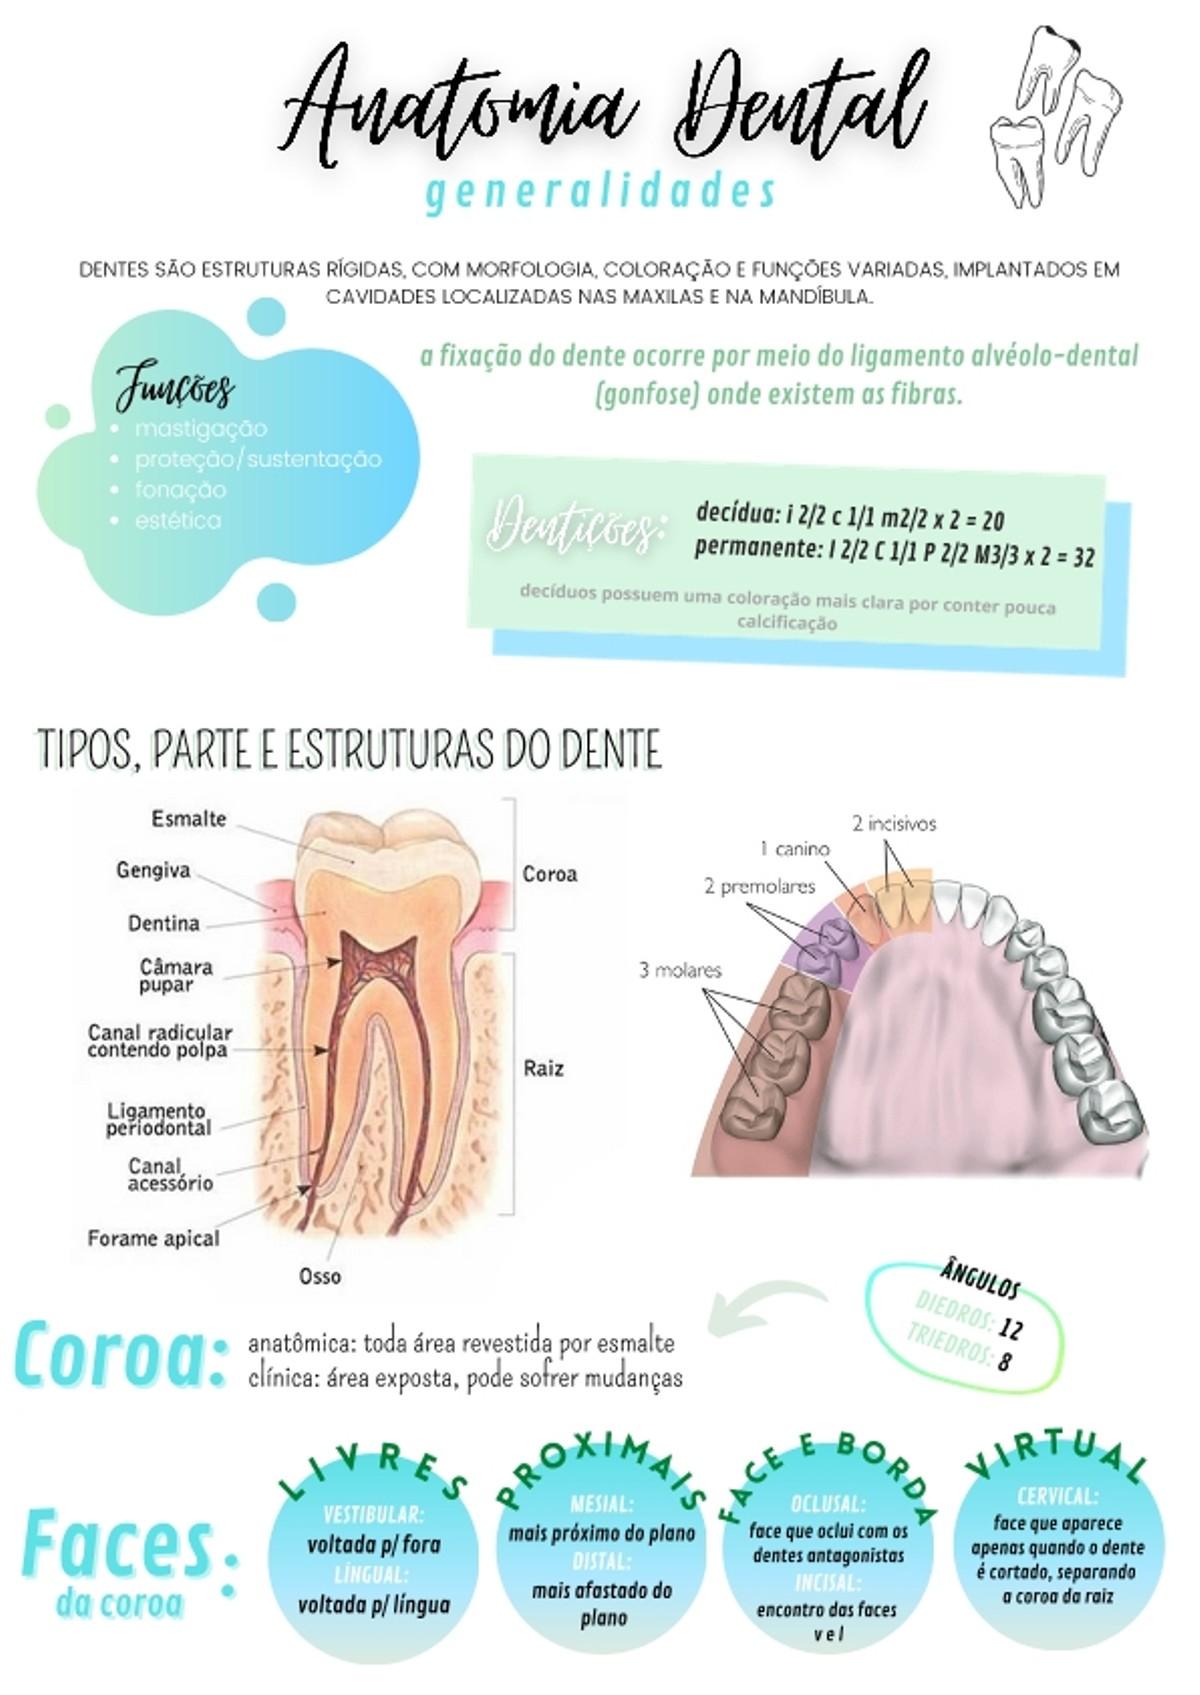 Pre-visualização do material Anatomia Dental - página 1